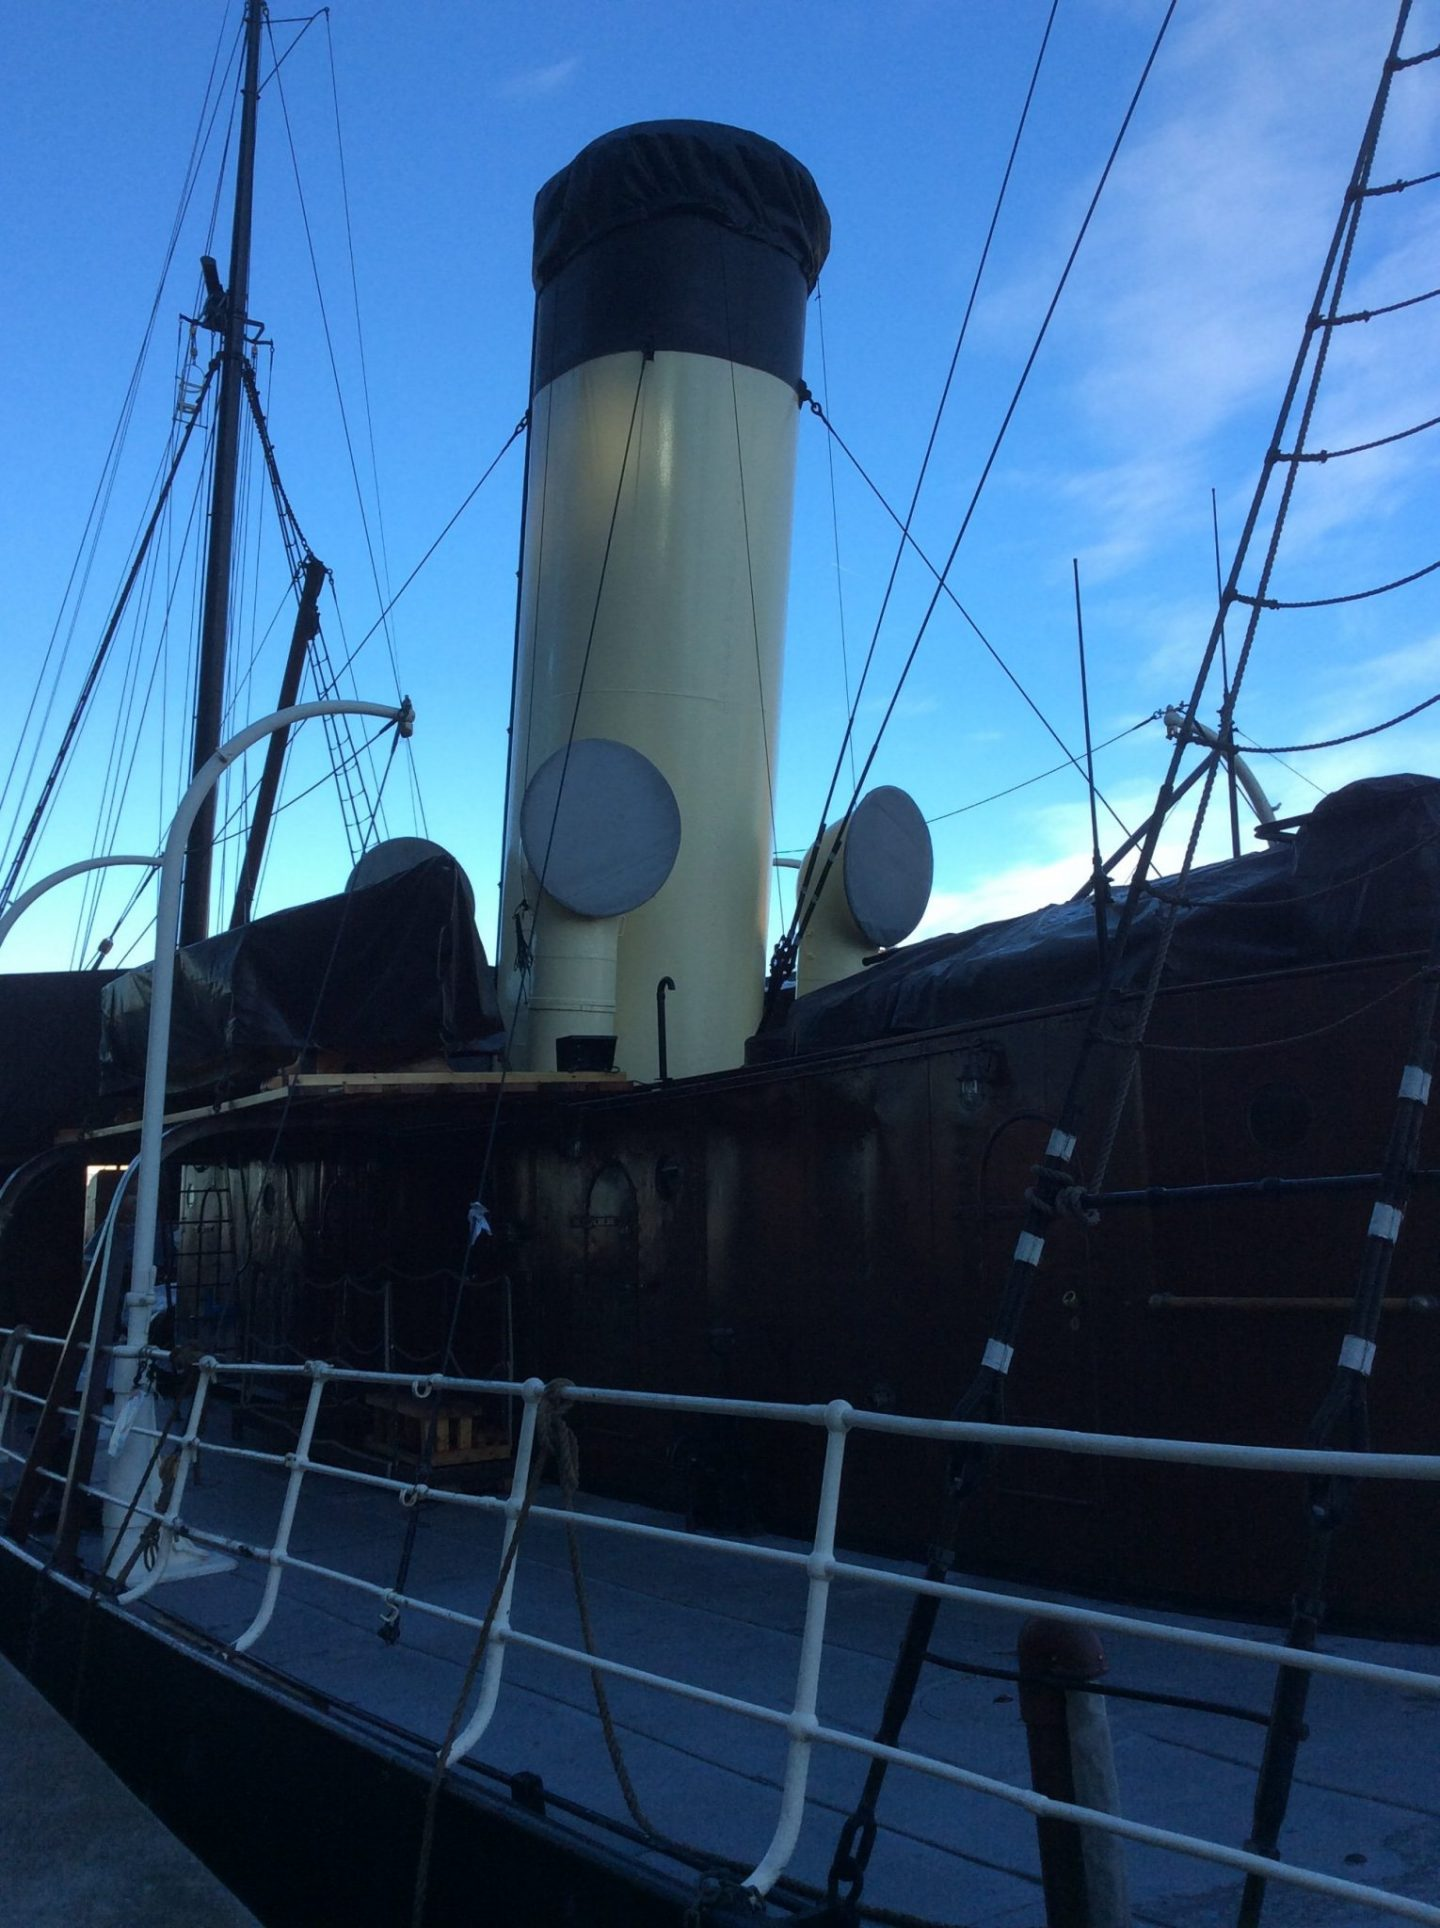 IMG 0214 1440x1928 - Malmö and the history